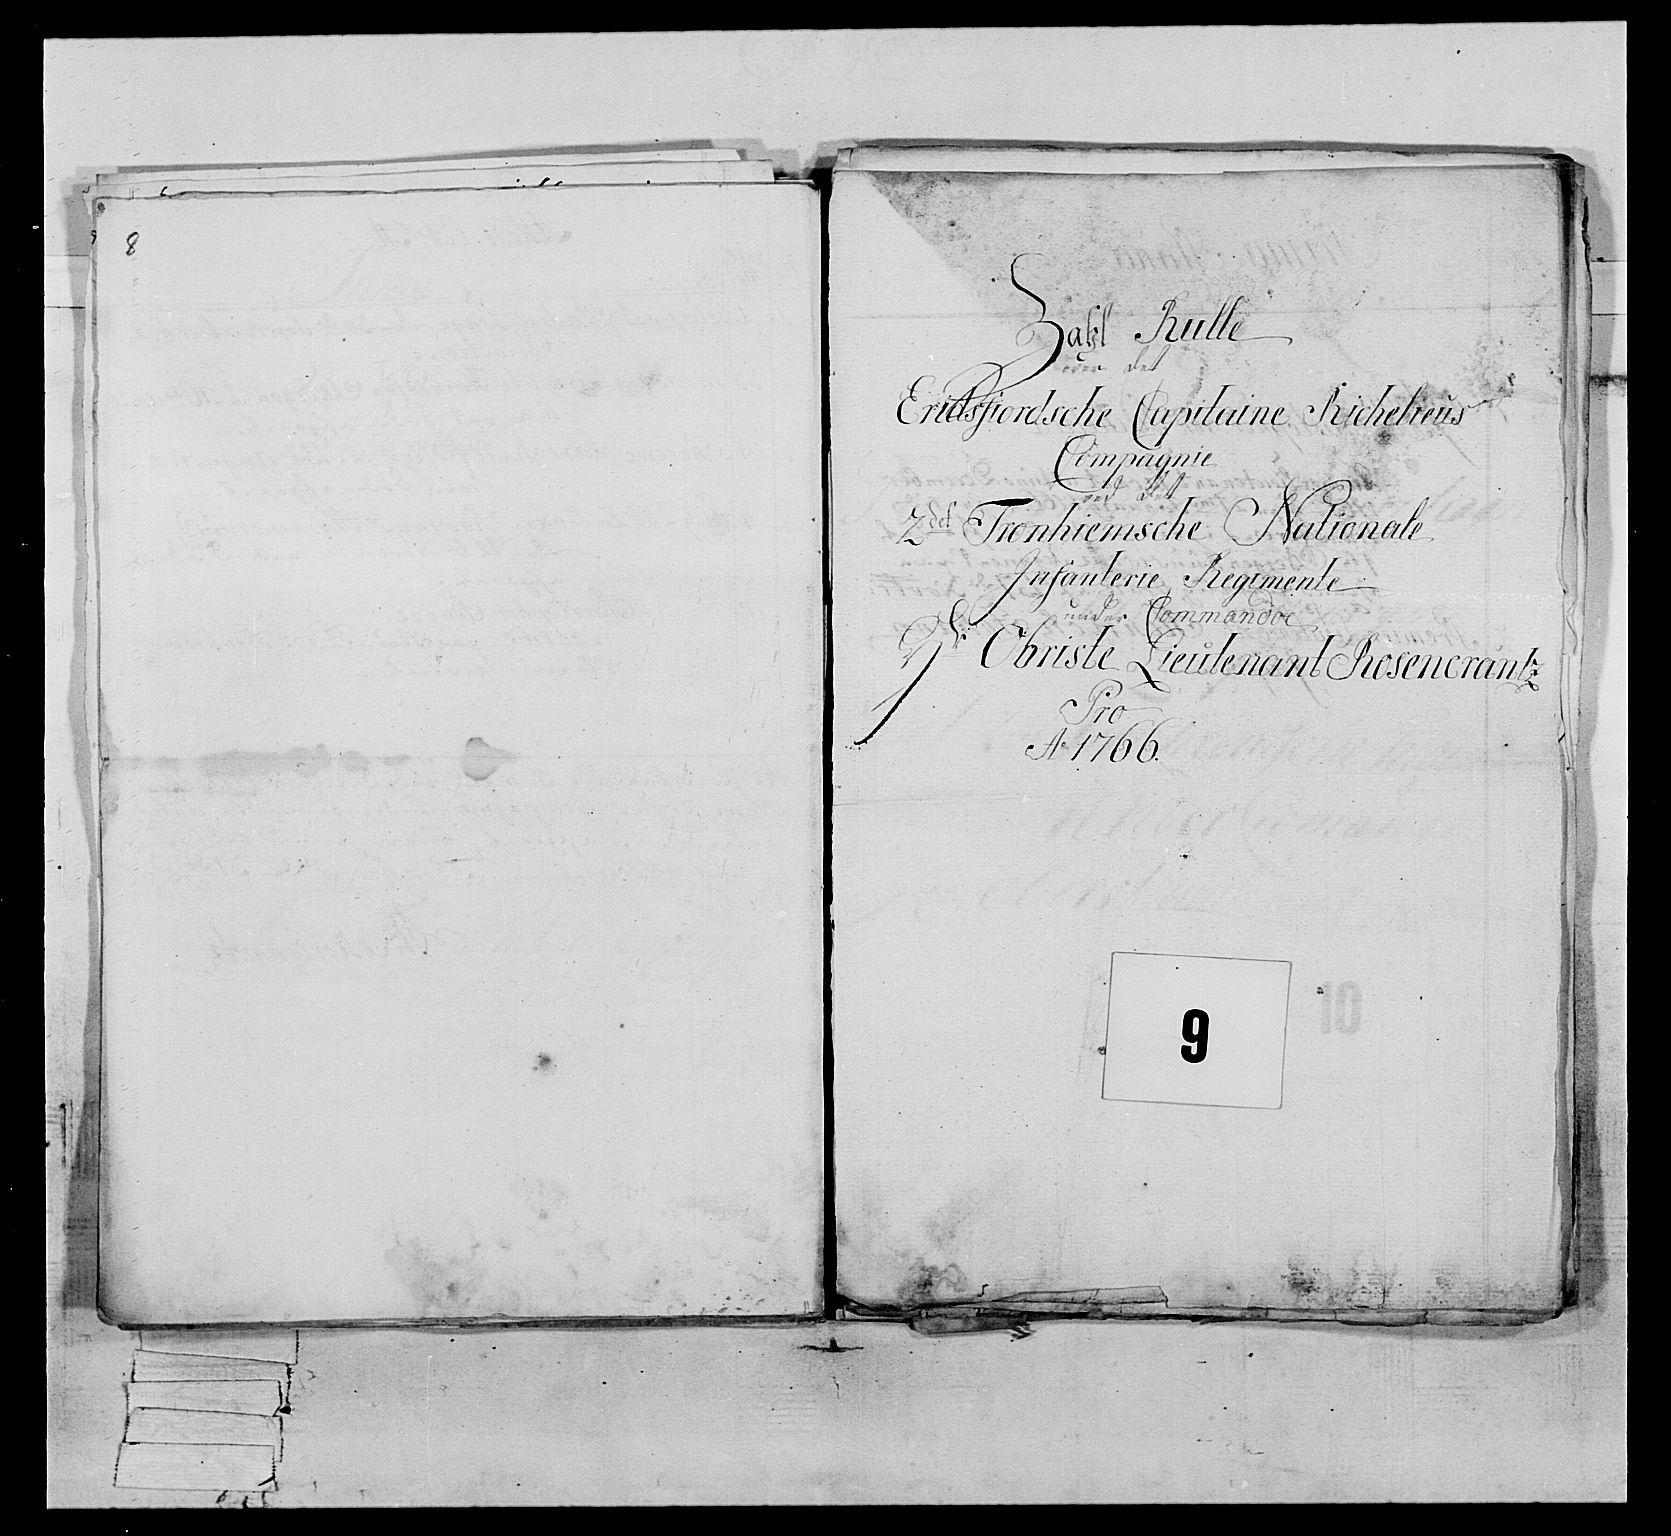 RA, Generalitets- og kommissariatskollegiet, Det kongelige norske kommissariatskollegium, E/Eh/L0076: 2. Trondheimske nasjonale infanteriregiment, 1766-1773, s. 22